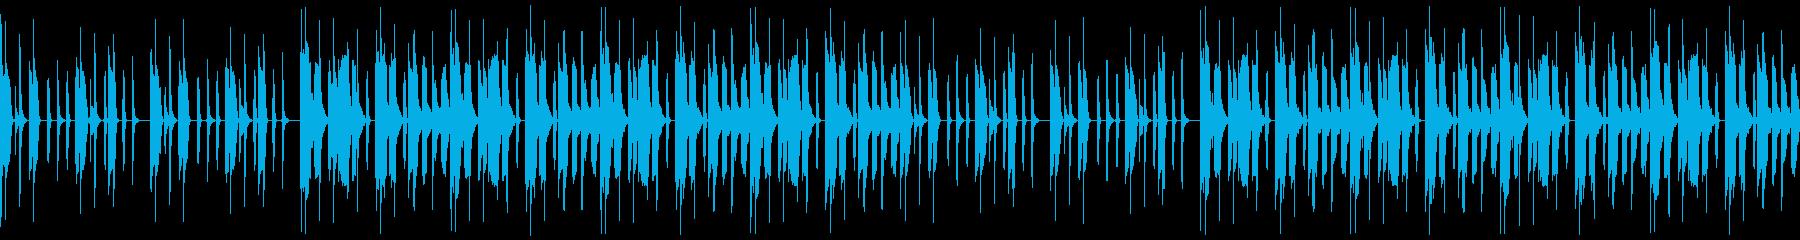 【ゲームポップス/メニュー/メイン画面】の再生済みの波形